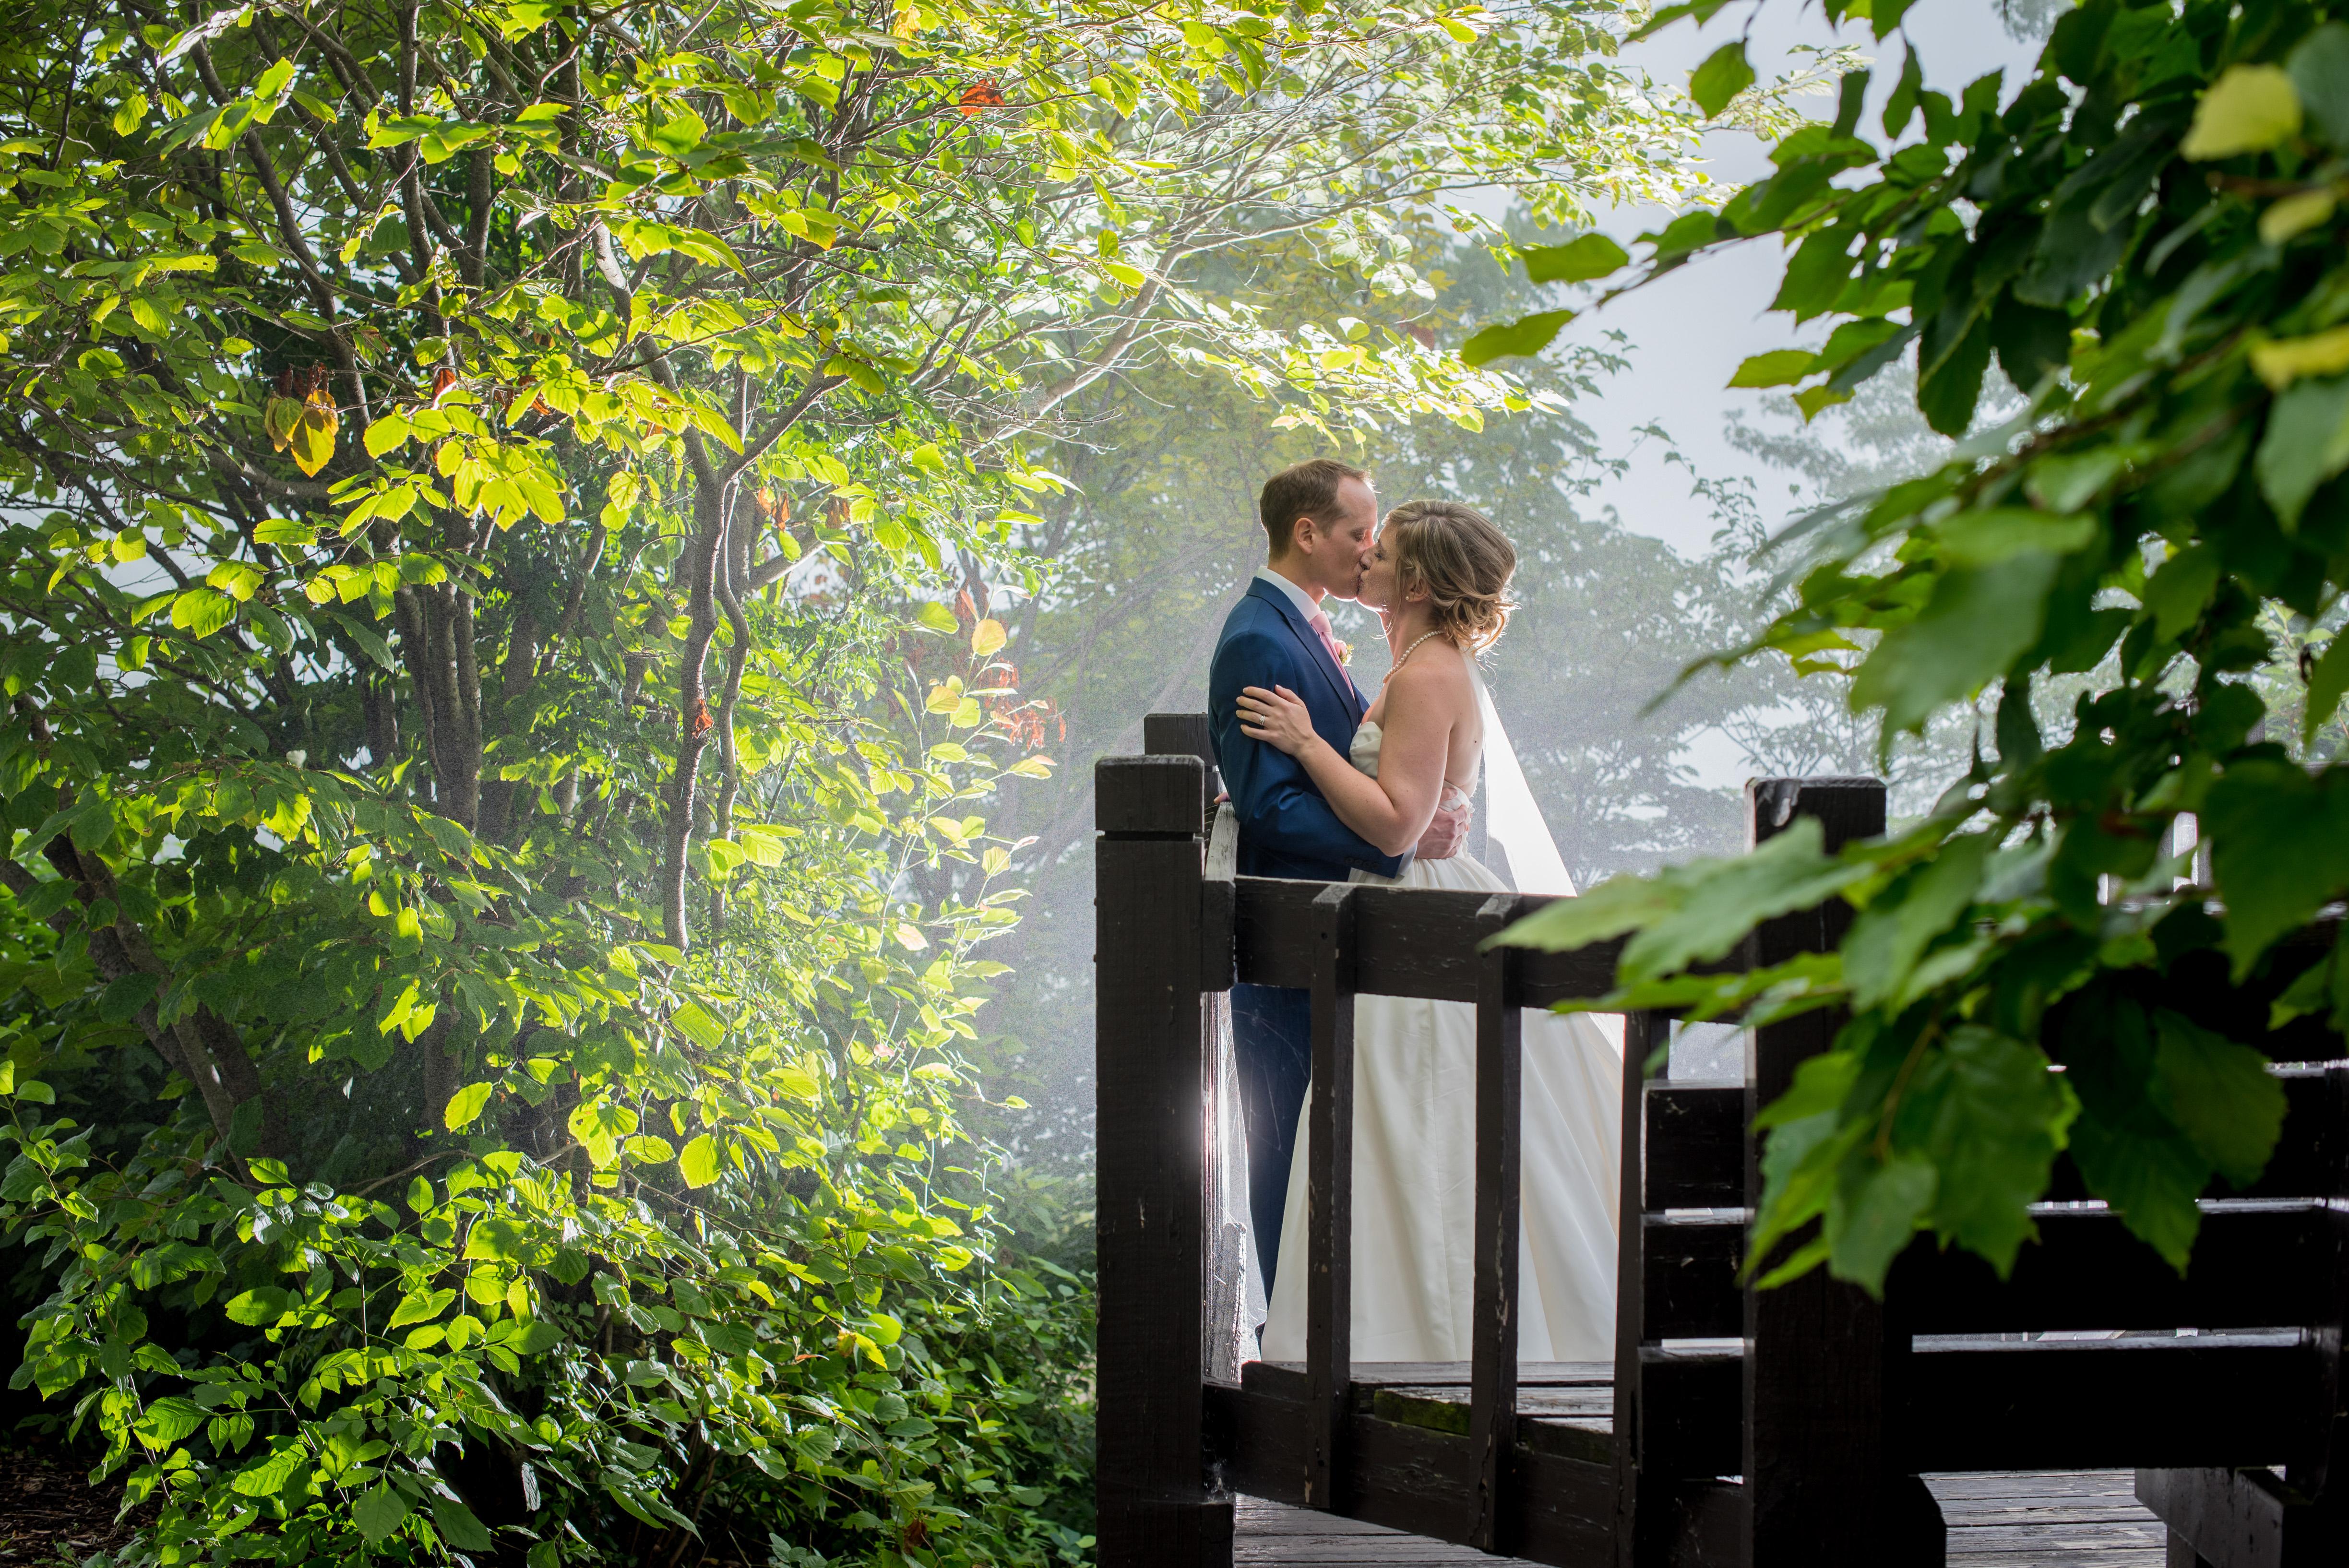 Milwaukee Wedding Photography-Jadon Good Photography_026